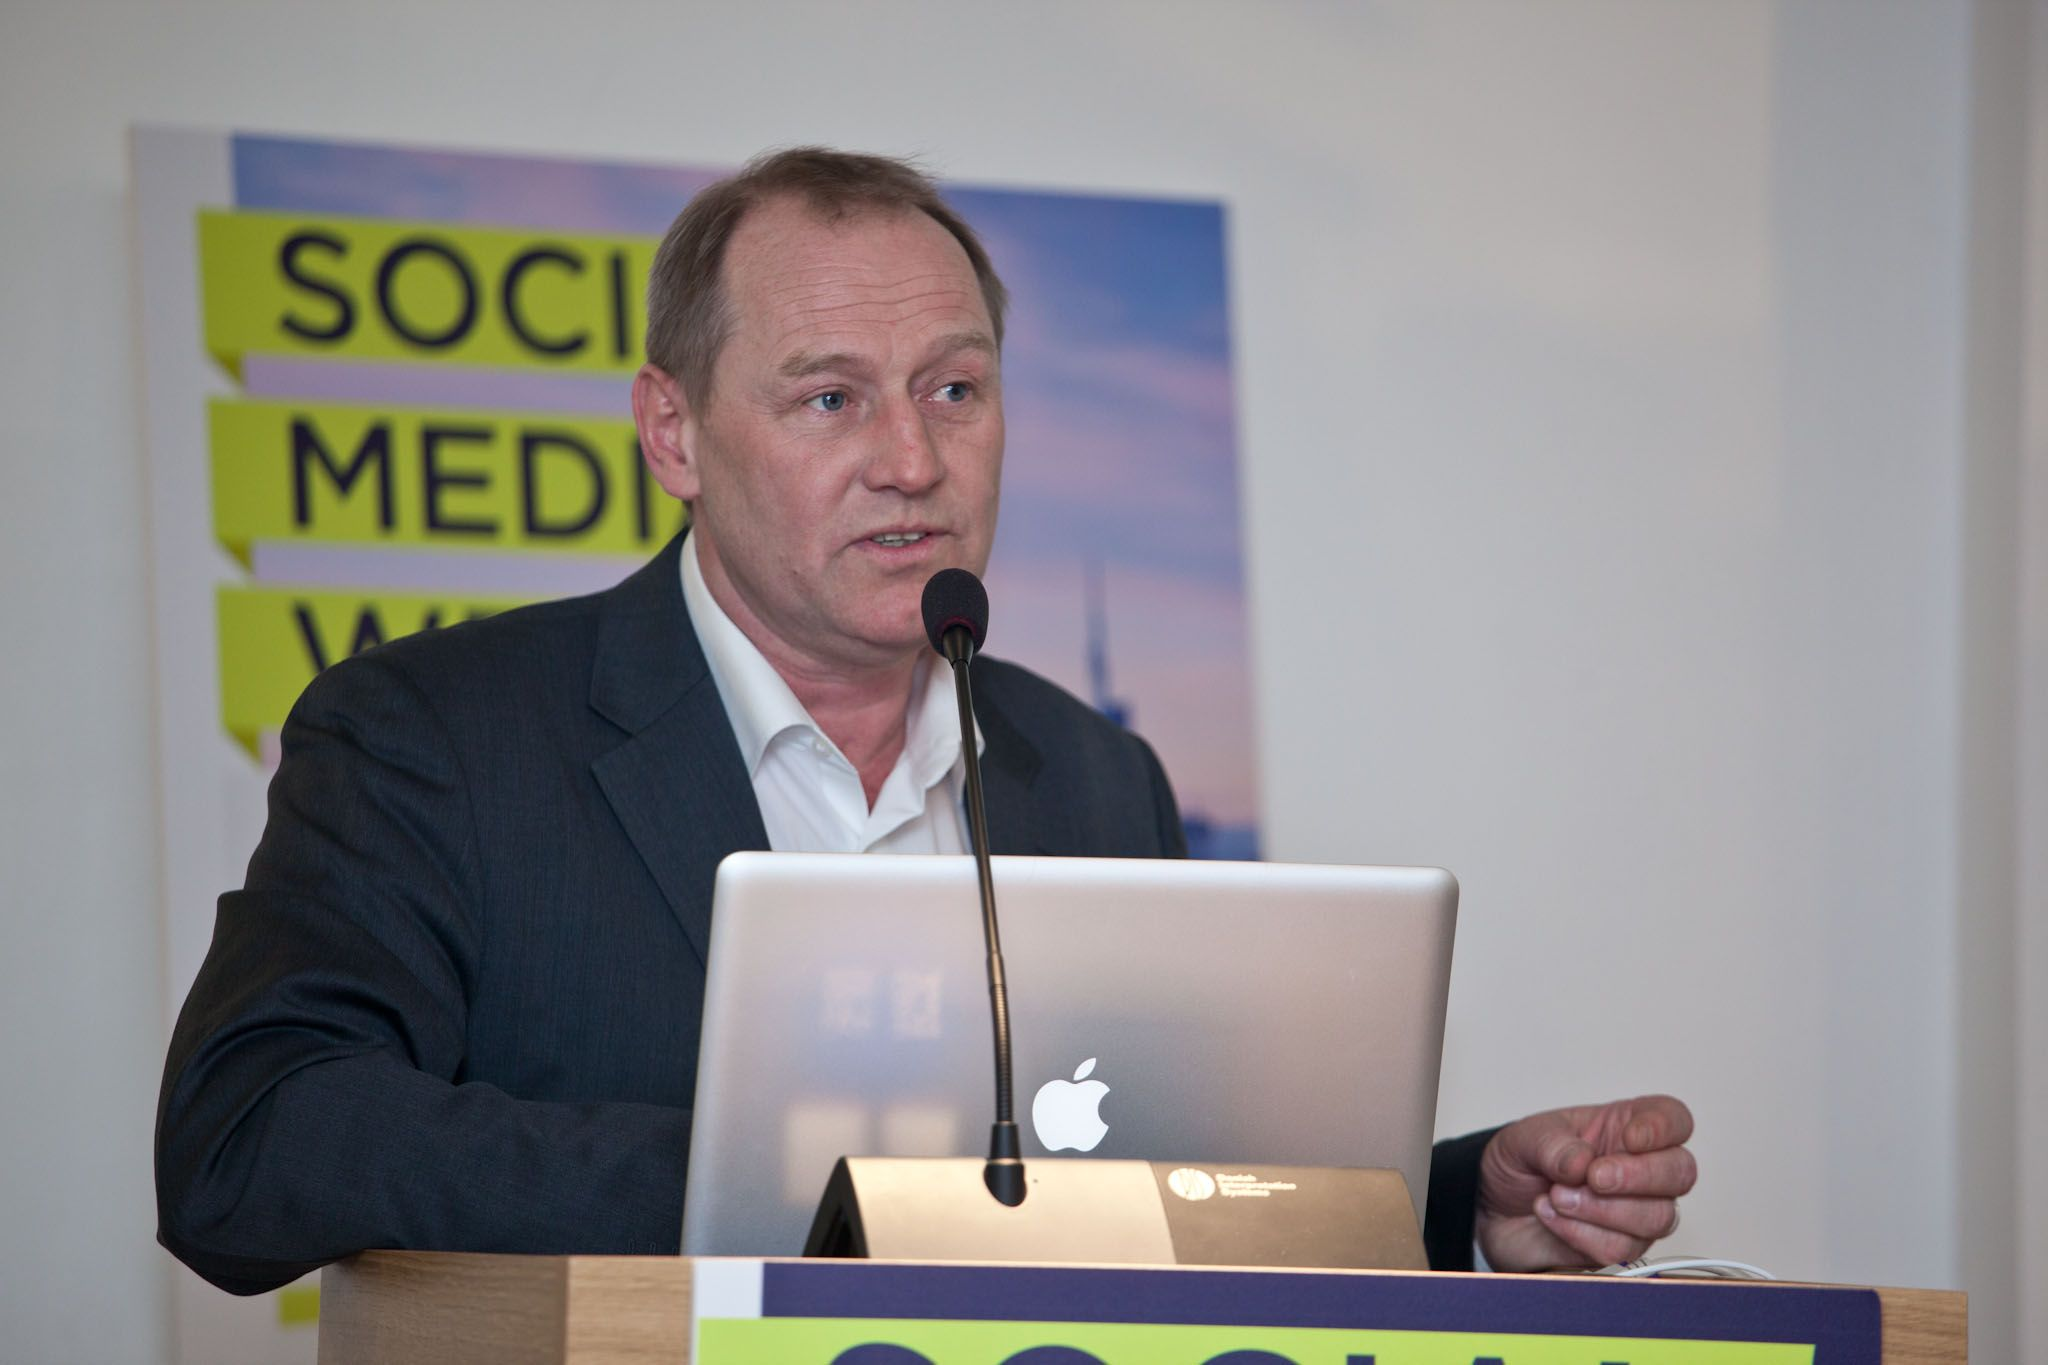 """Matthias Lüfkens: """"Governi, piazze, mercati e palazzi. Come Twitter cambia il mondo"""" #SMWmilan"""